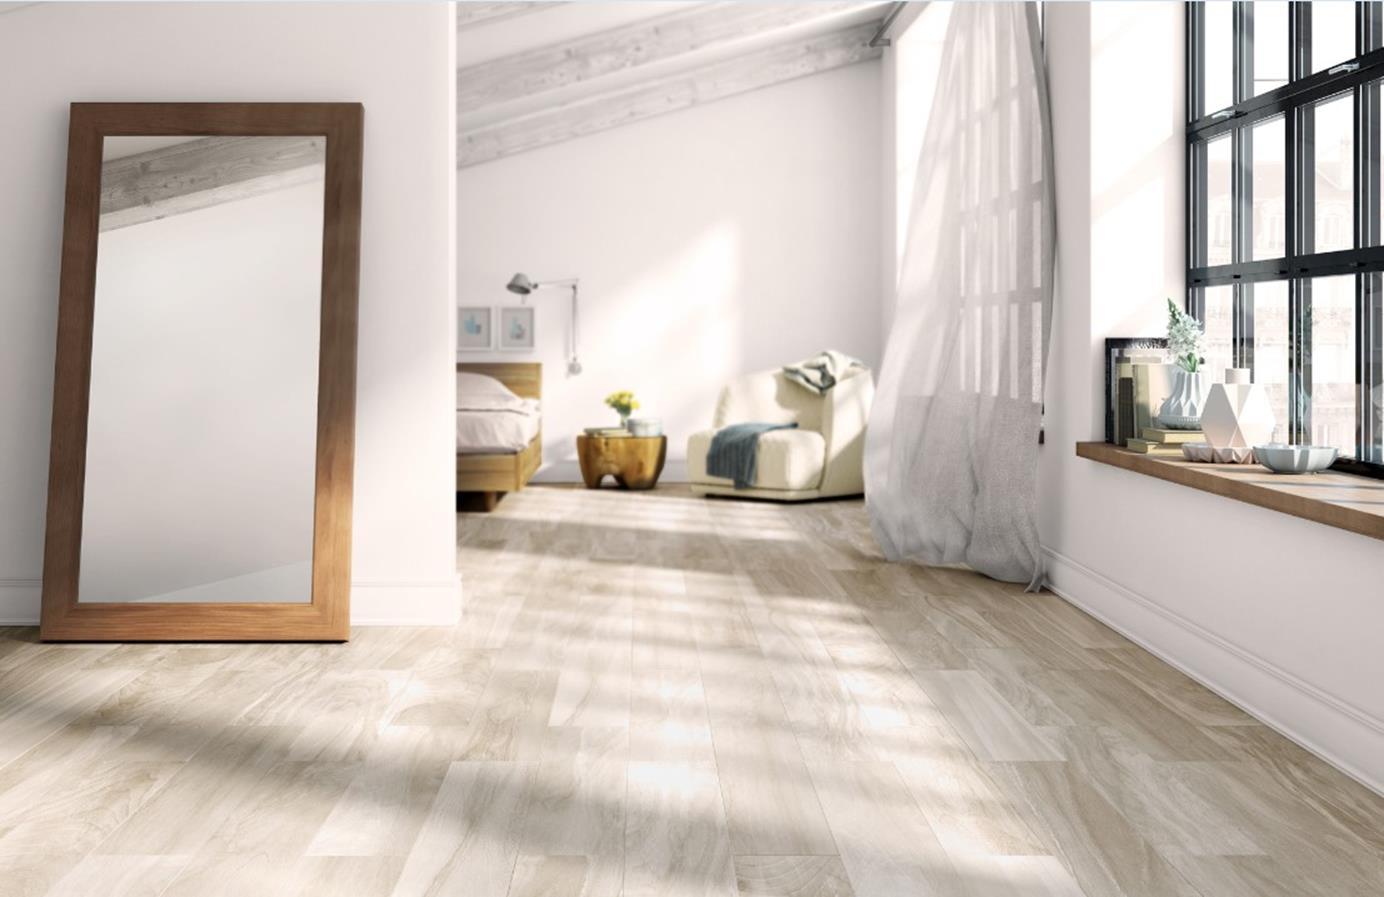 Roca – Series:  October. Ceramic floor tiles in 12 X 24 inches